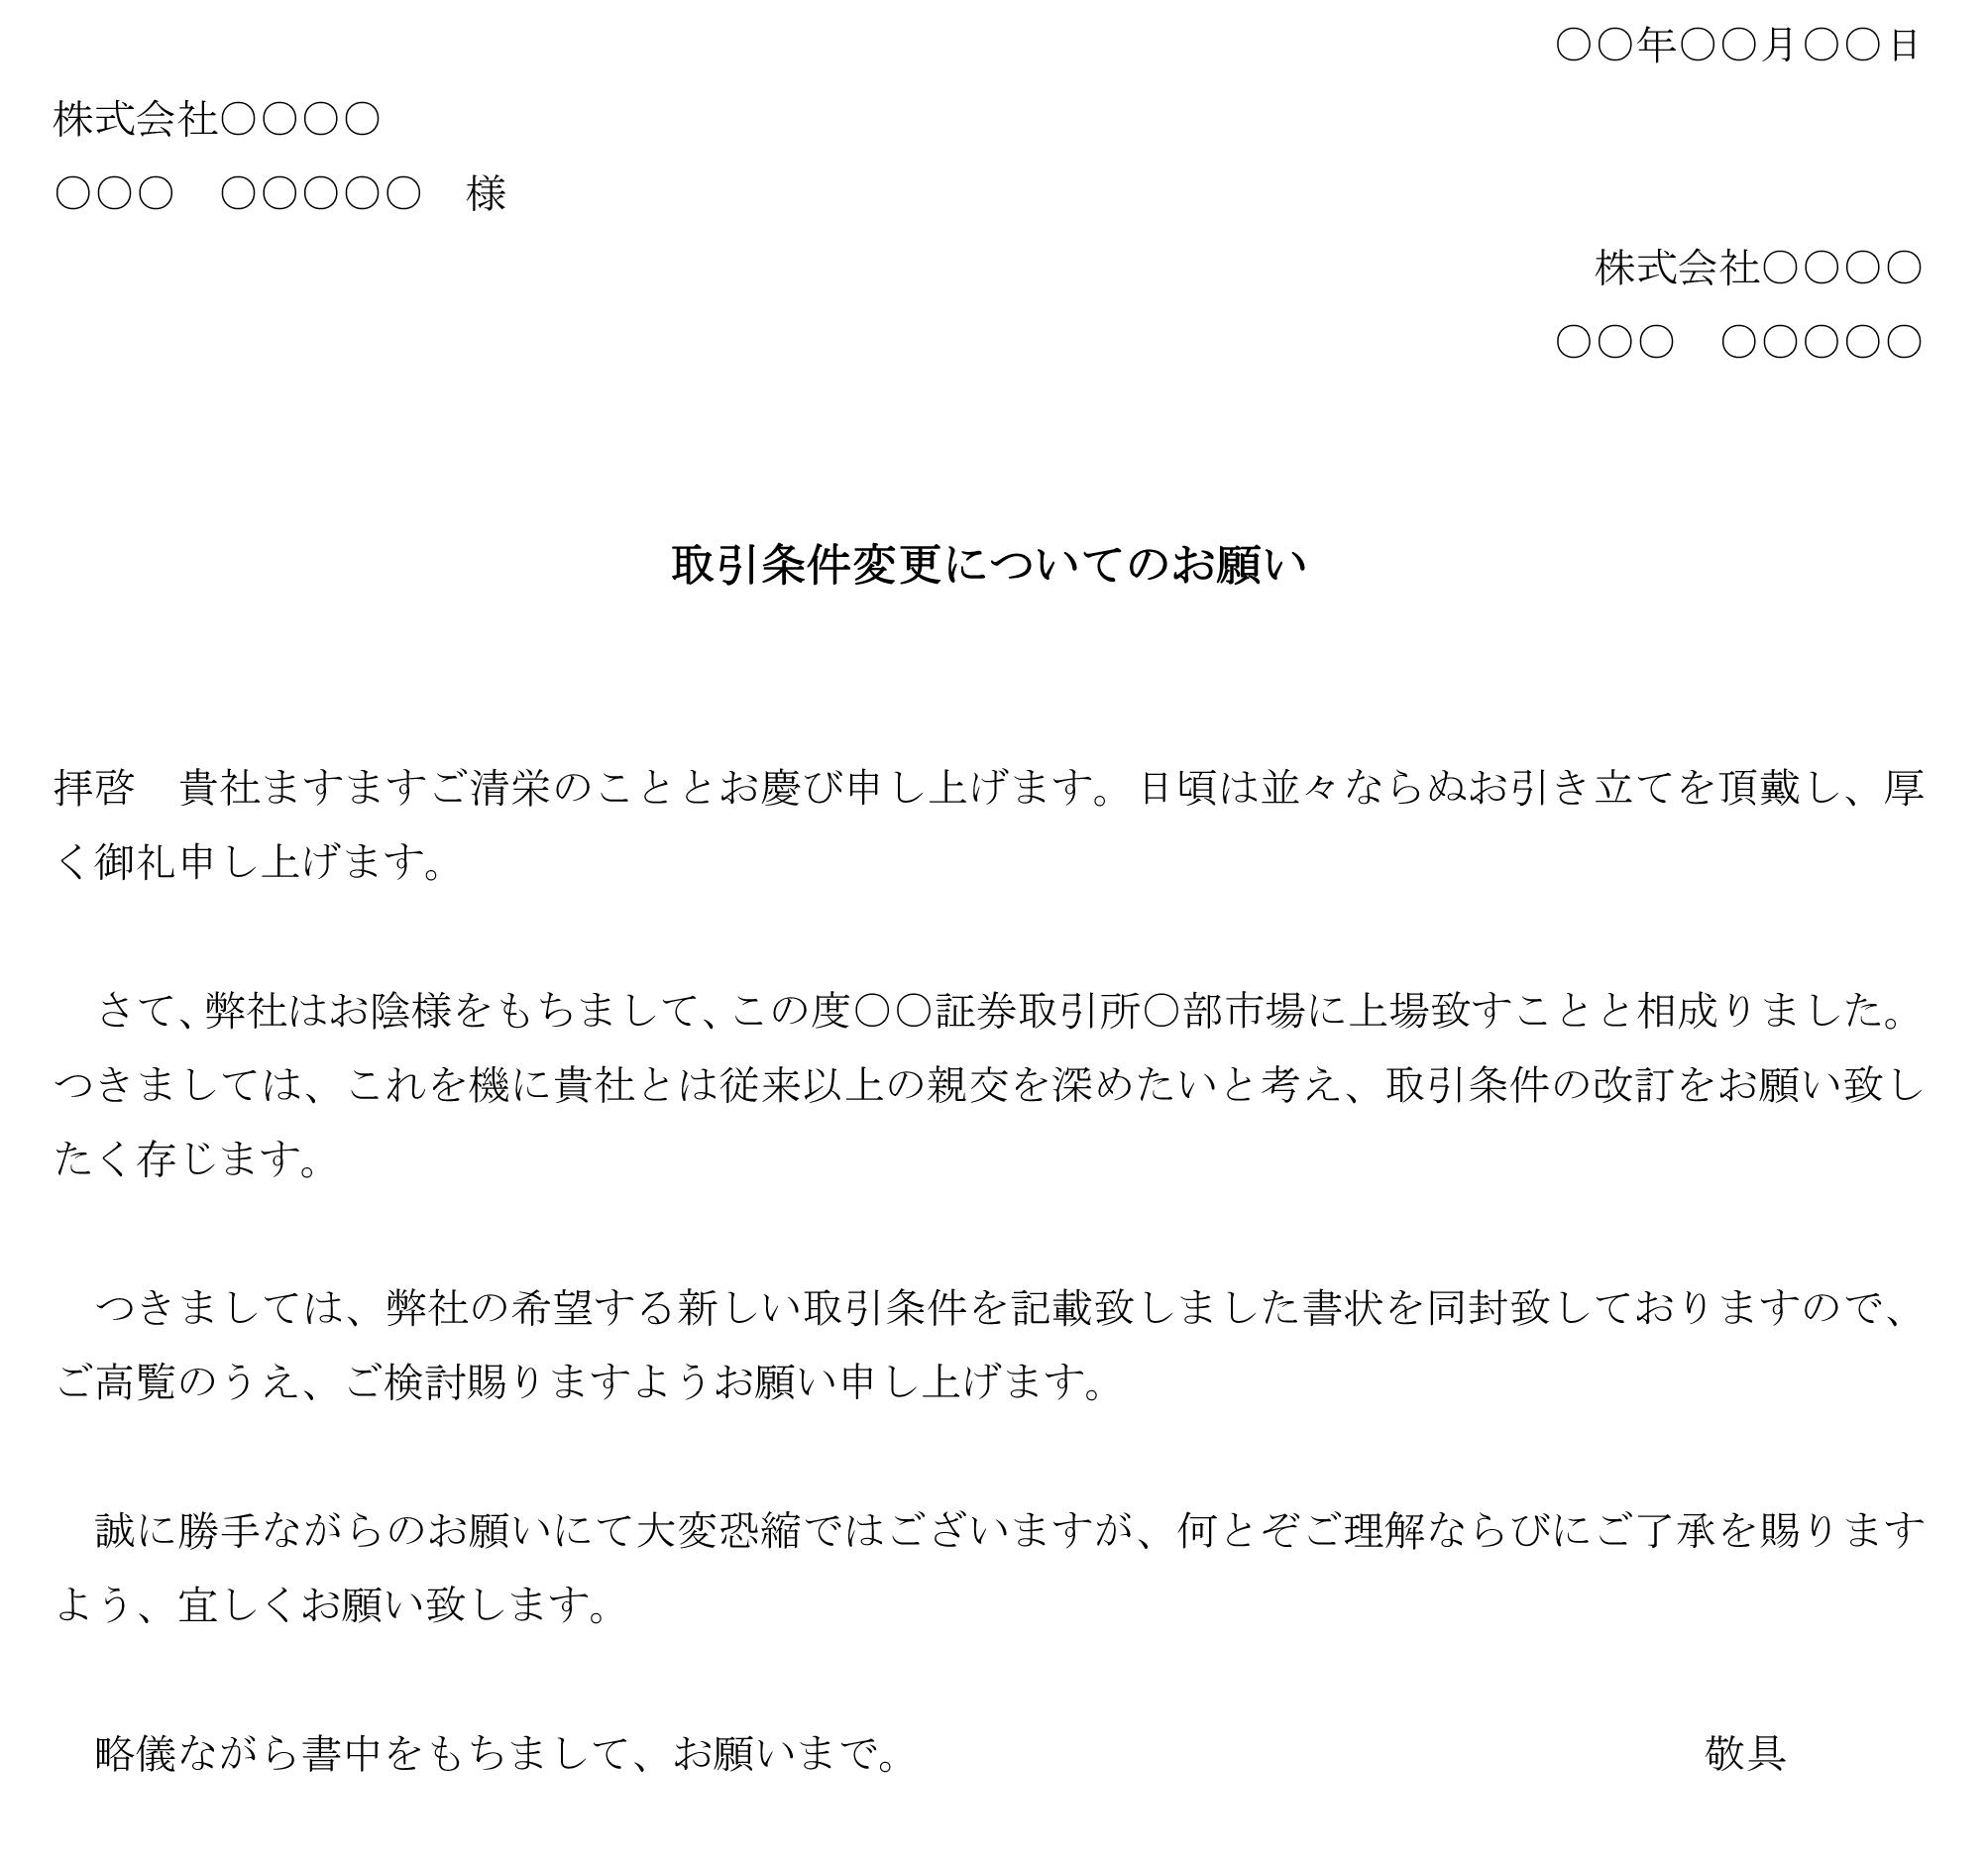 依頼状(取引条件の変更)02